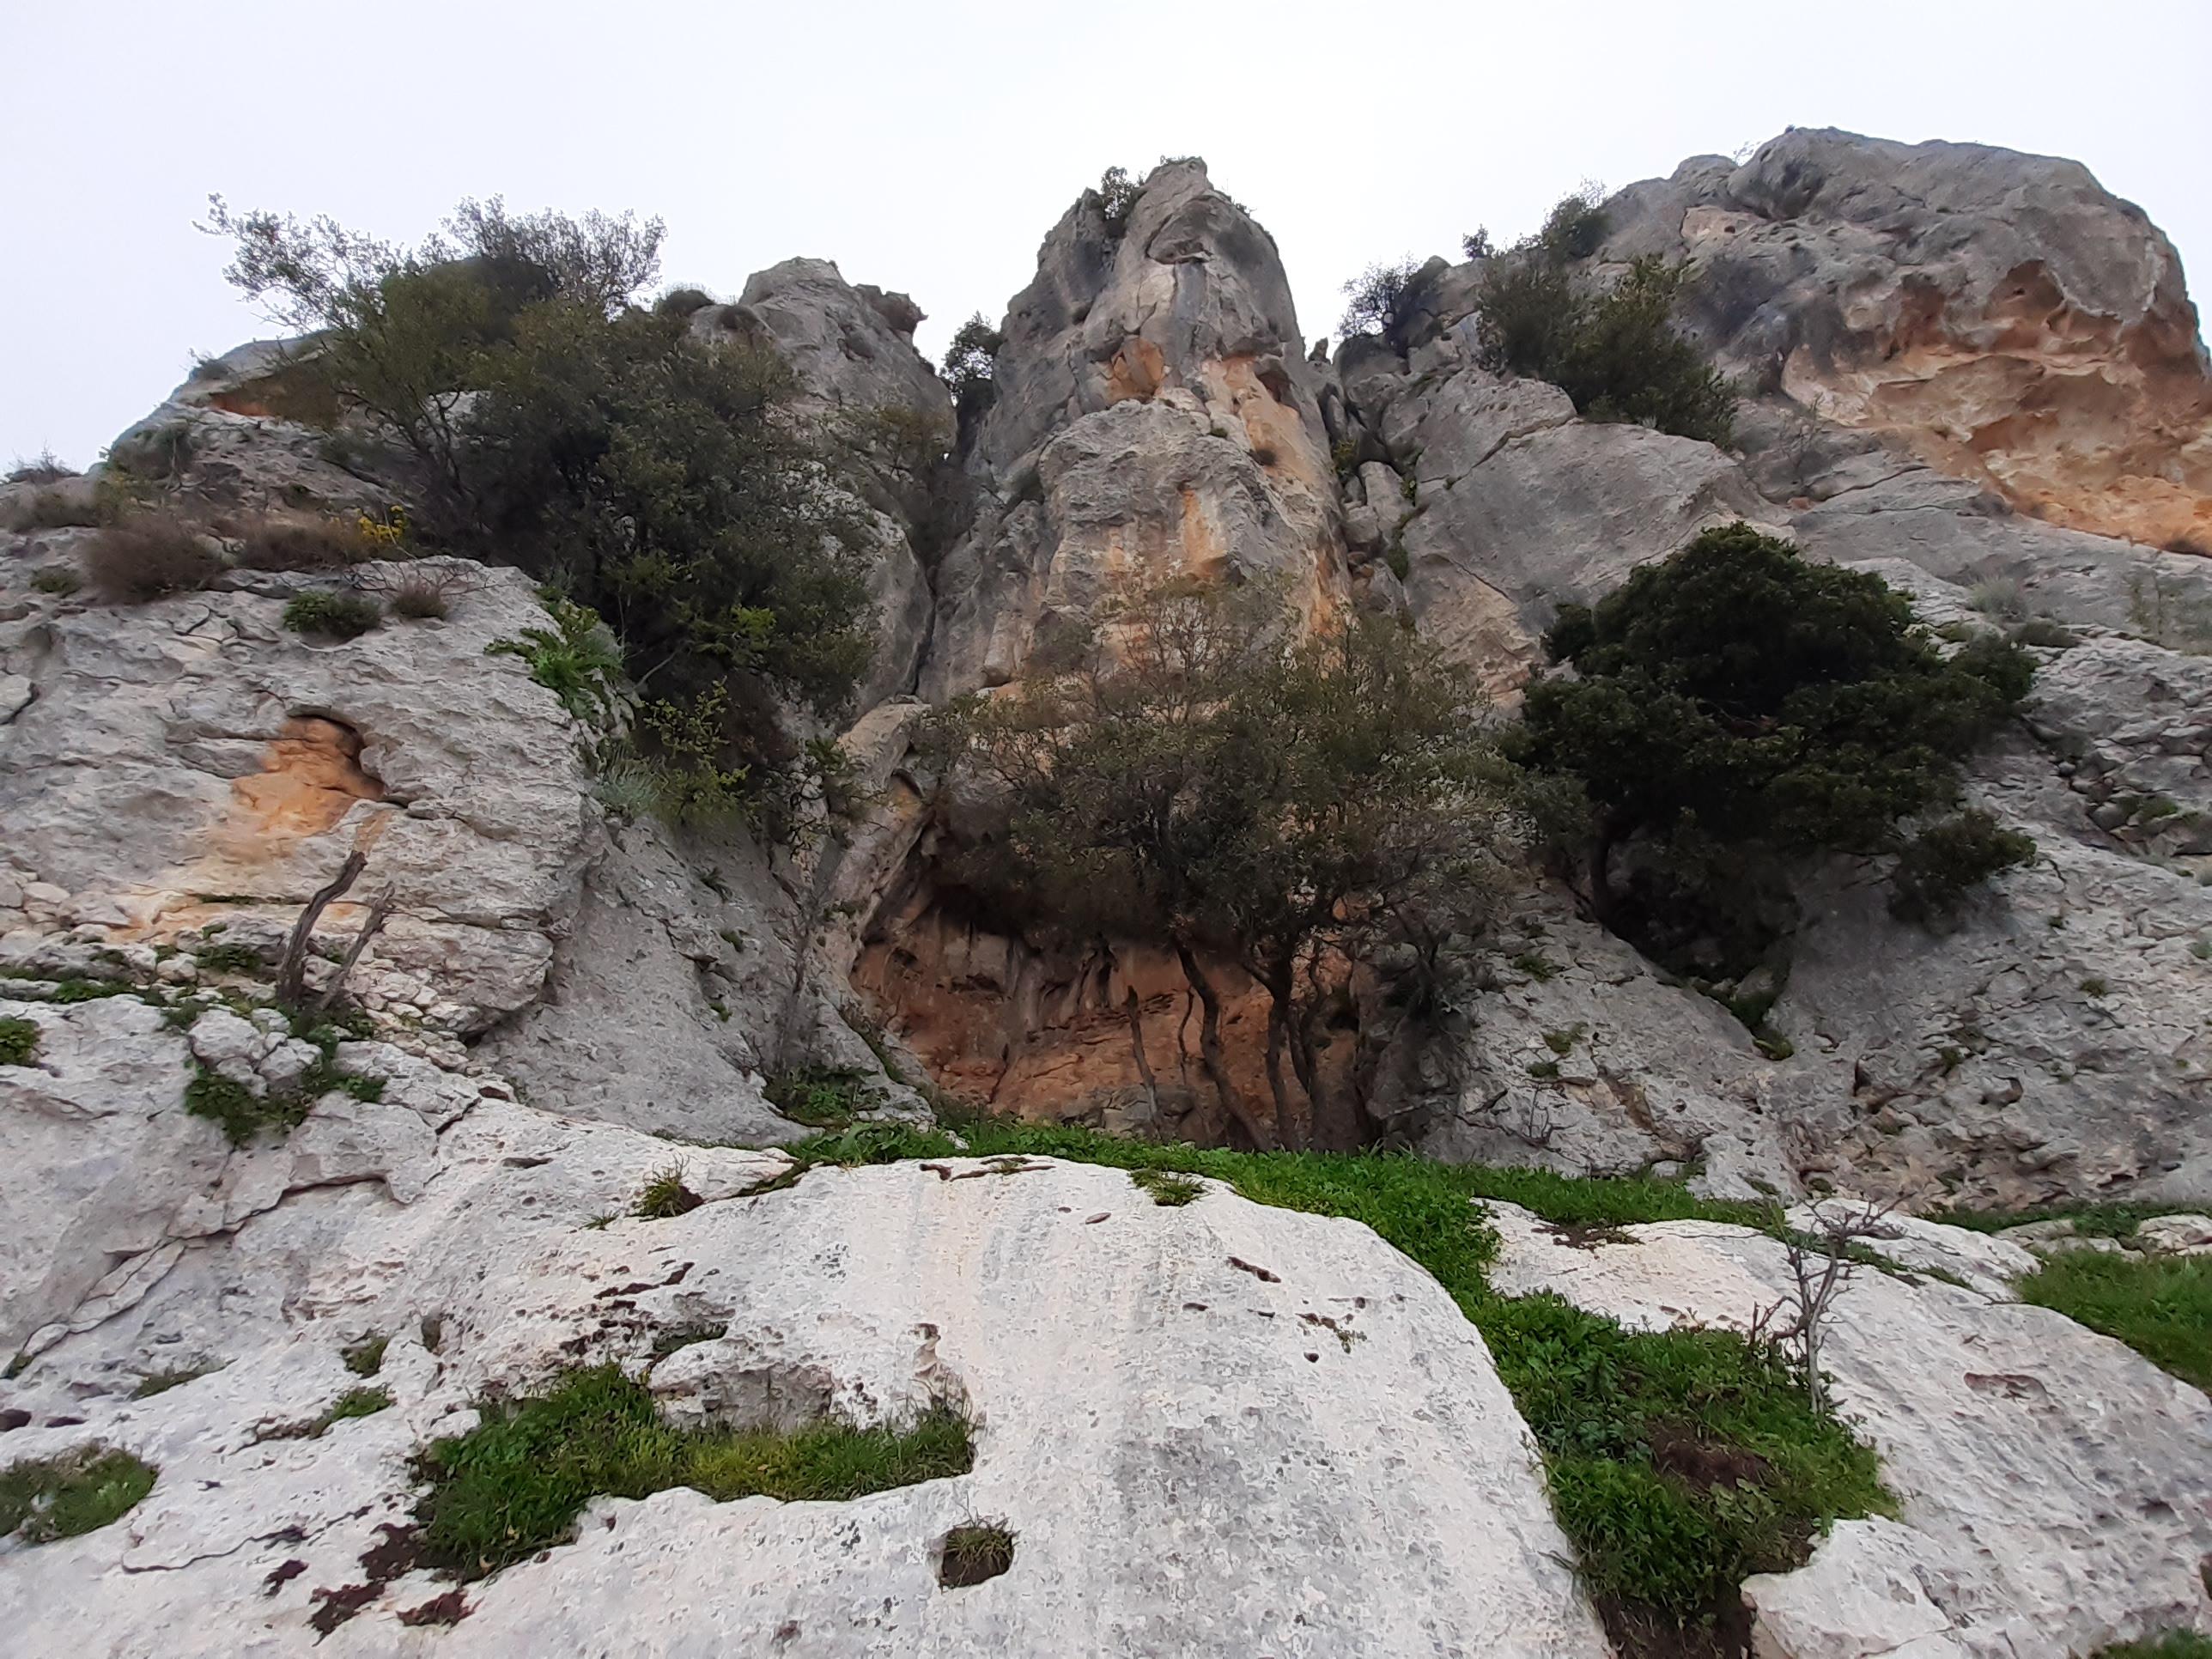 """Resimlerin gerçekçi bir üslupla çizildiğini kaydeden Prof. Dr. Durukan, """"Mersin'e 20 kilometre uzaklıkta İnsu köyünde çok kısa süre önce keşfedilmiş olan kaya resimlerinin önündeyiz. Bunlar günümüzden yaklaşık 5 ila 8 bin yıl öncesine ait olduğunu tahmin ettiğimiz, petroglif tekniğiyle dediğimiz kaya yüzüne kazıma tekniği ile yapılmış olan, dönemin faunasını anlatan kaya resimleri. Çok gerçekçi üslupla yapılmış betimlemeler. Hayvan çeşitliliği hakkında birtakım ipuçları veriyor. Özellikle dağ keçileri, sanatsal özelliği olan ince bir zevkle yapılmış, onun yanı sıra bazı fantastik yaratıklar gözümüze çarpıyor. Uçan ve yüzen bazı yaratıklar bunlar"""" dedi."""